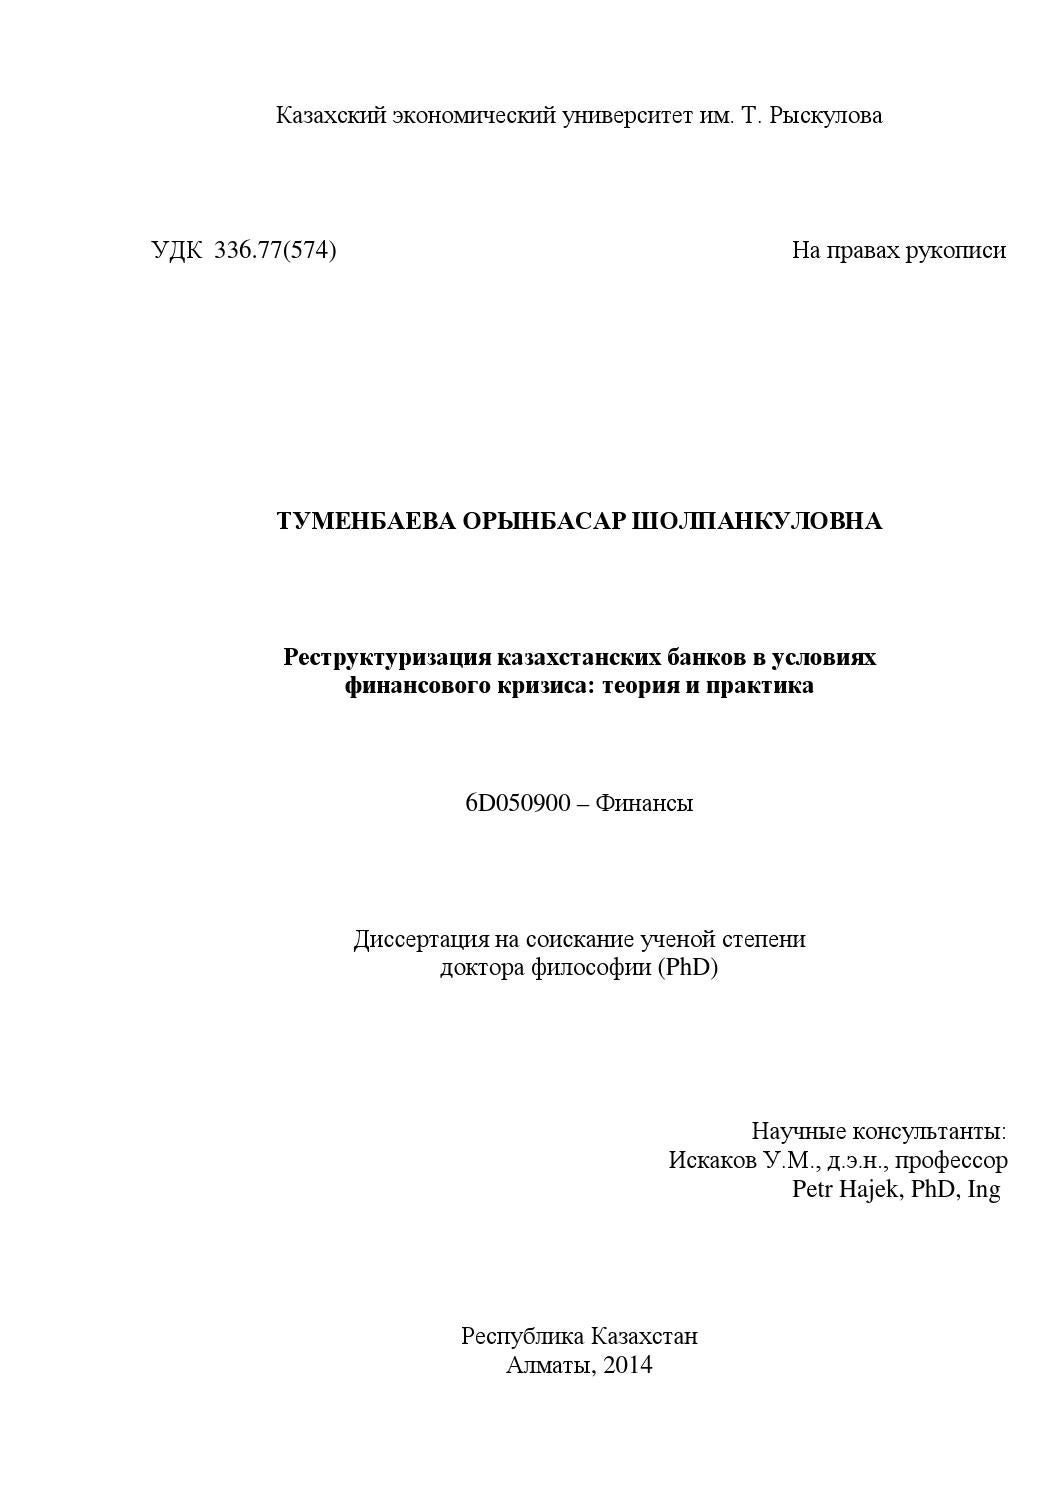 0606 логическая схема по налоговому праву